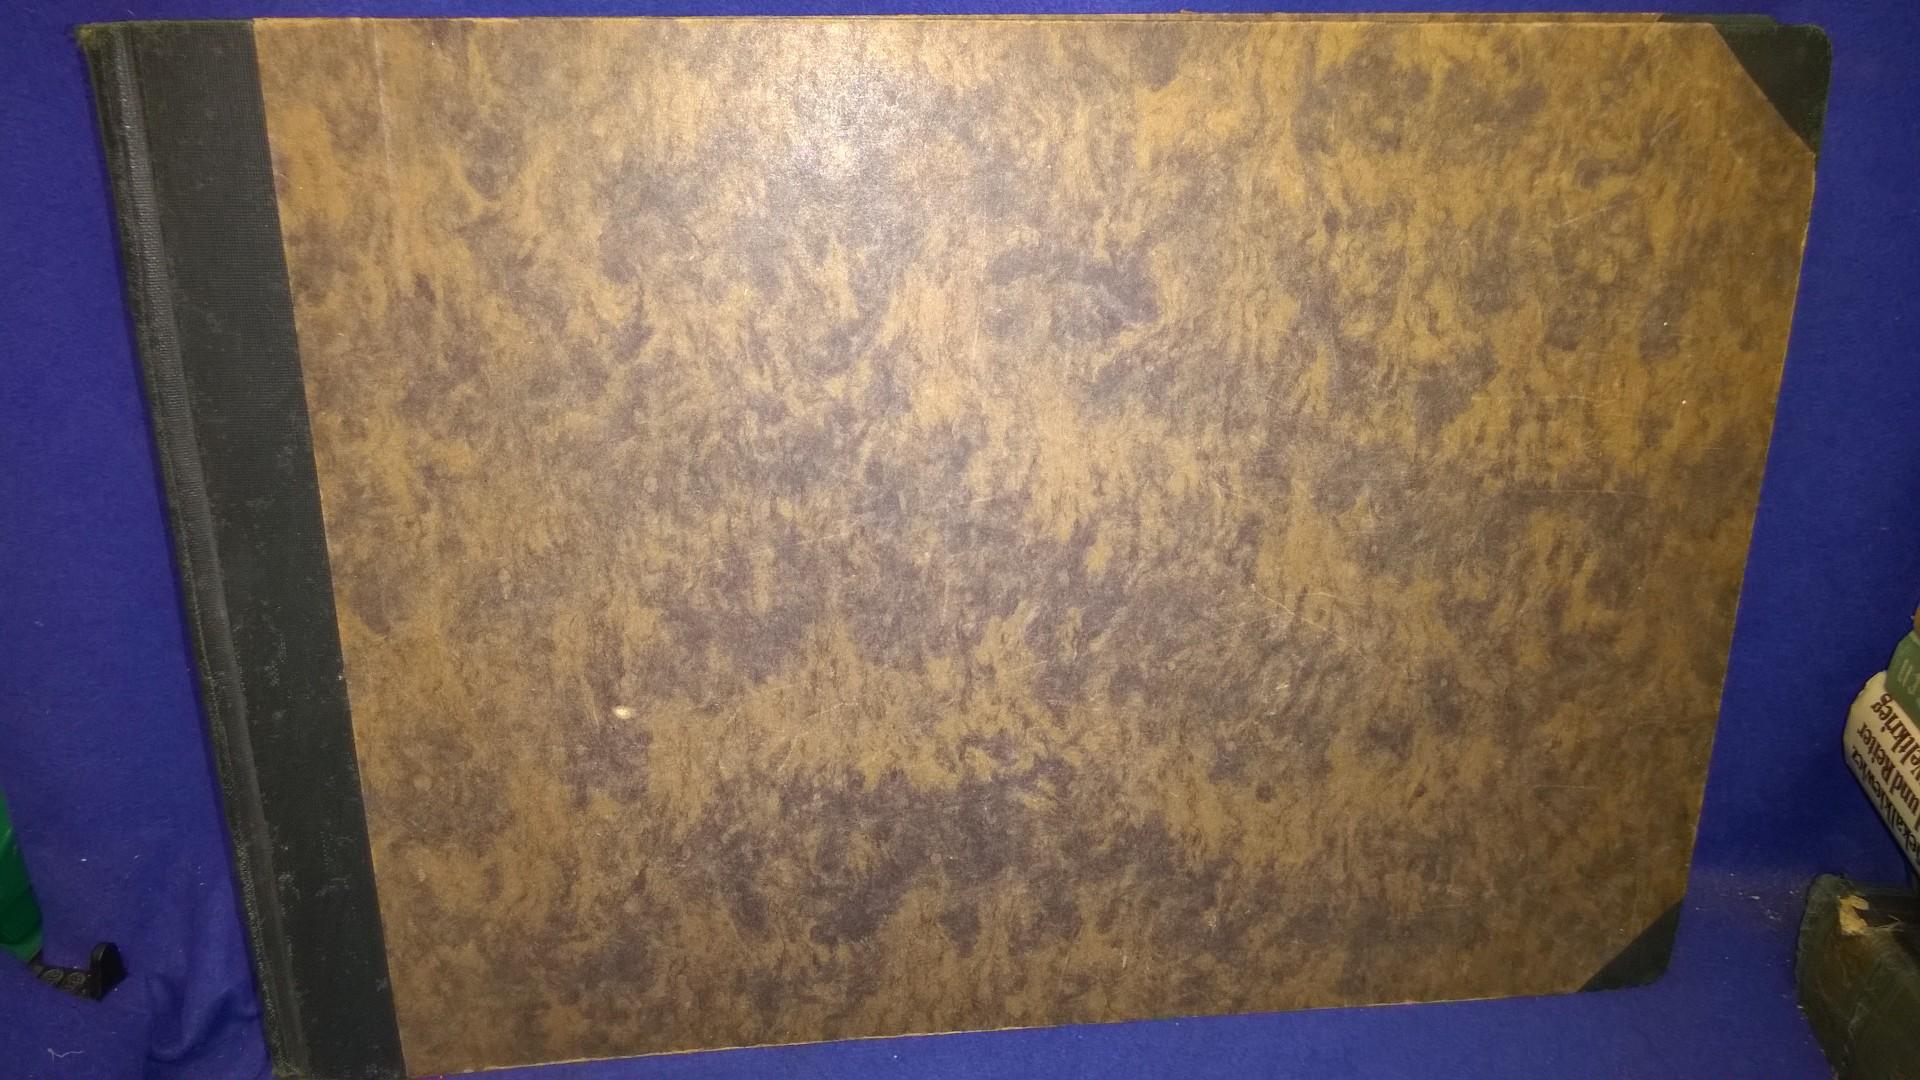 Das Gesicht der Westfront - Ein Kriegdokument und Erinnerungsbuch von Ernst Vollbehr, Kriegsmaler im Großen Hauptquartier. Mit vielen Panoramaaufnahmen von den Kampfgeländern an der Westfront im 1.Weltkrieg.Selten!